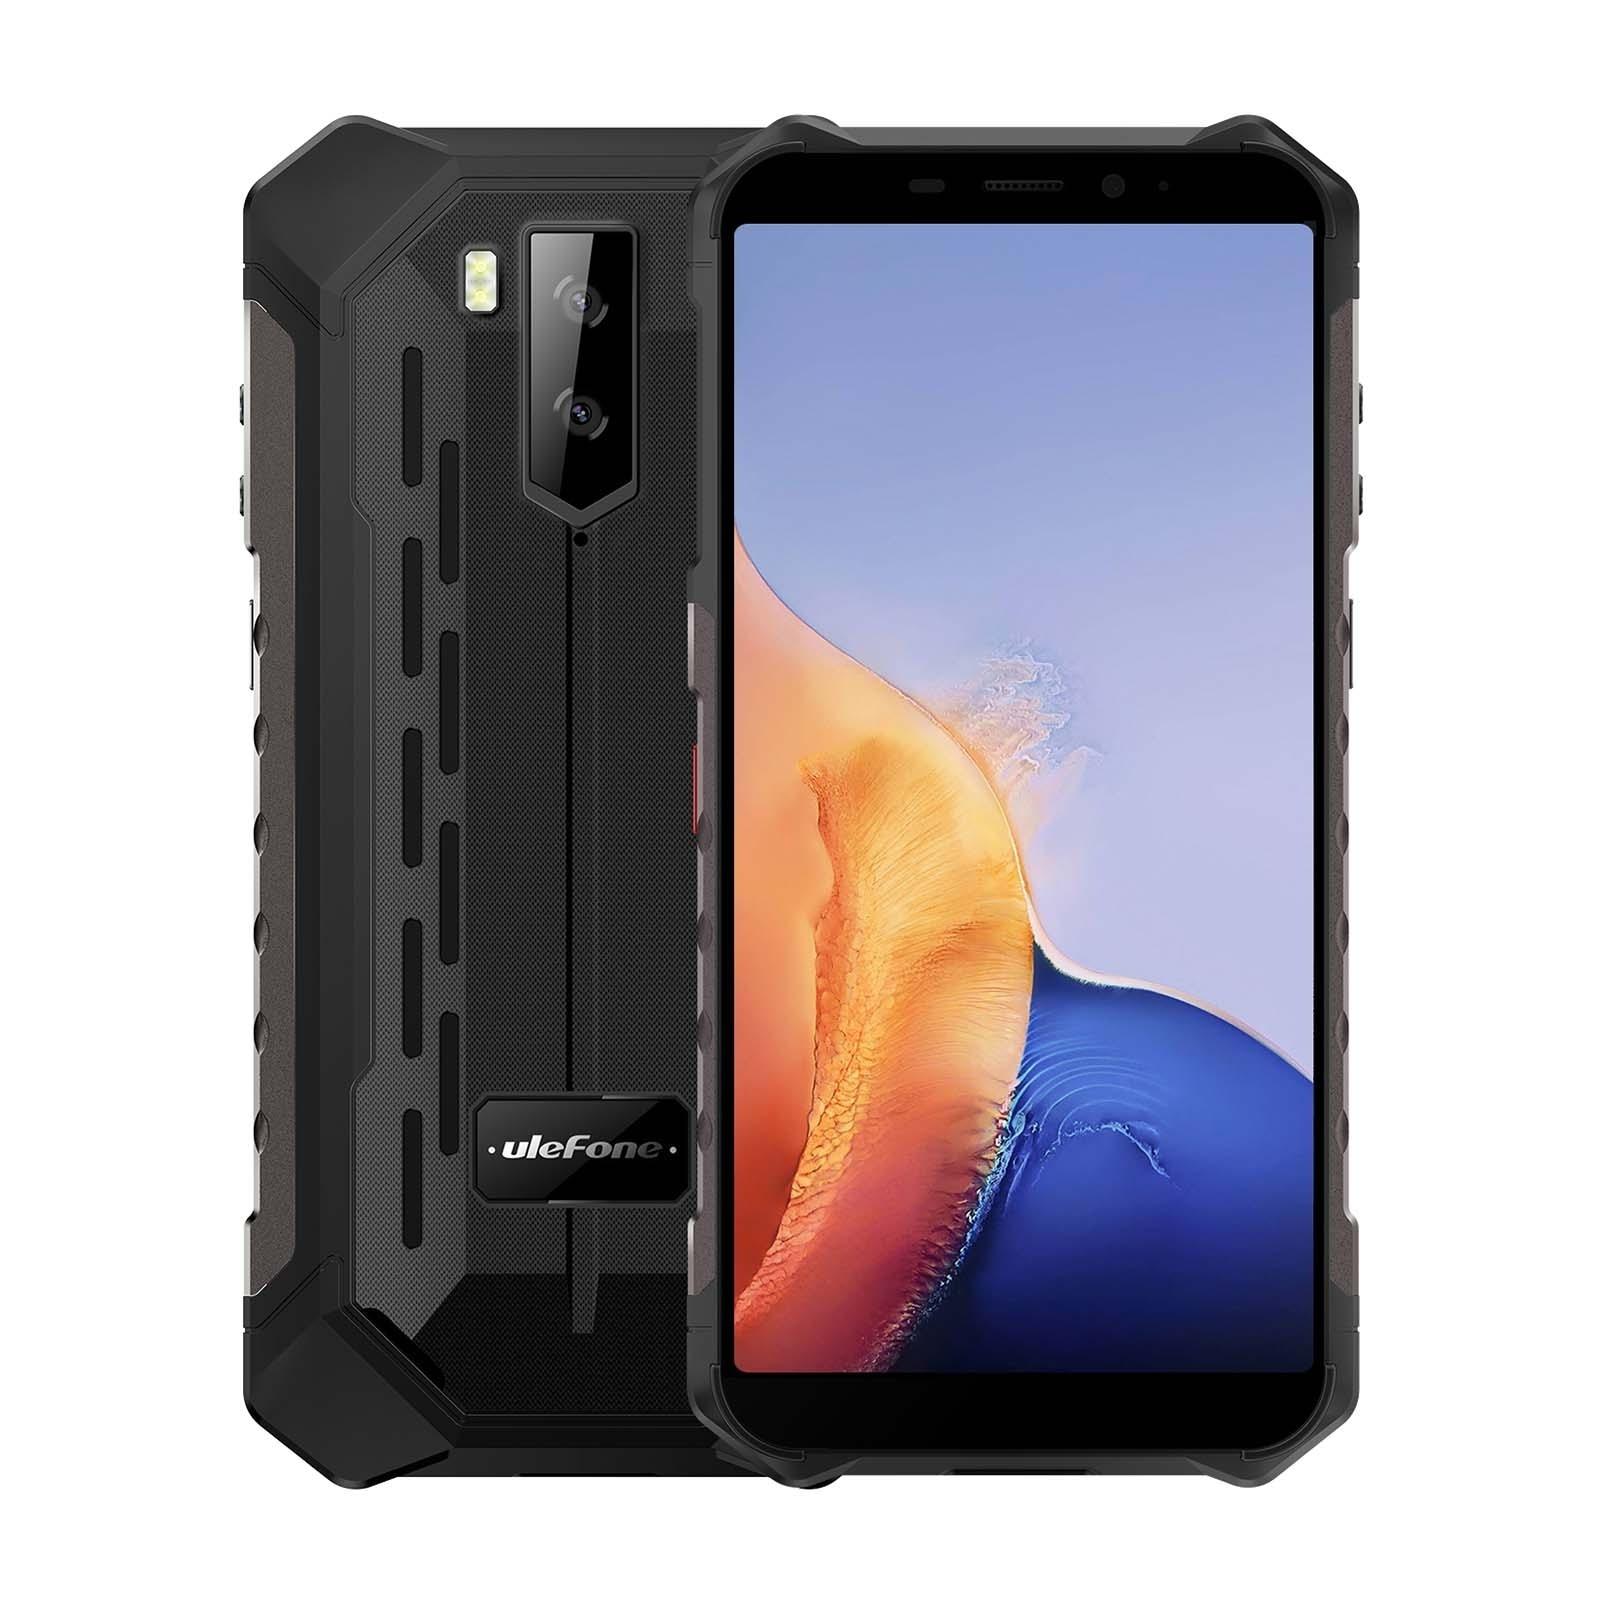 Смартфон Ulefone Armor X9 защищенный, IP69K, Android 11, Helio A25, 8 ядер, 3 + 32 ГБ, 5,5 дюйма, 5000 мА · ч, OTG, NFC